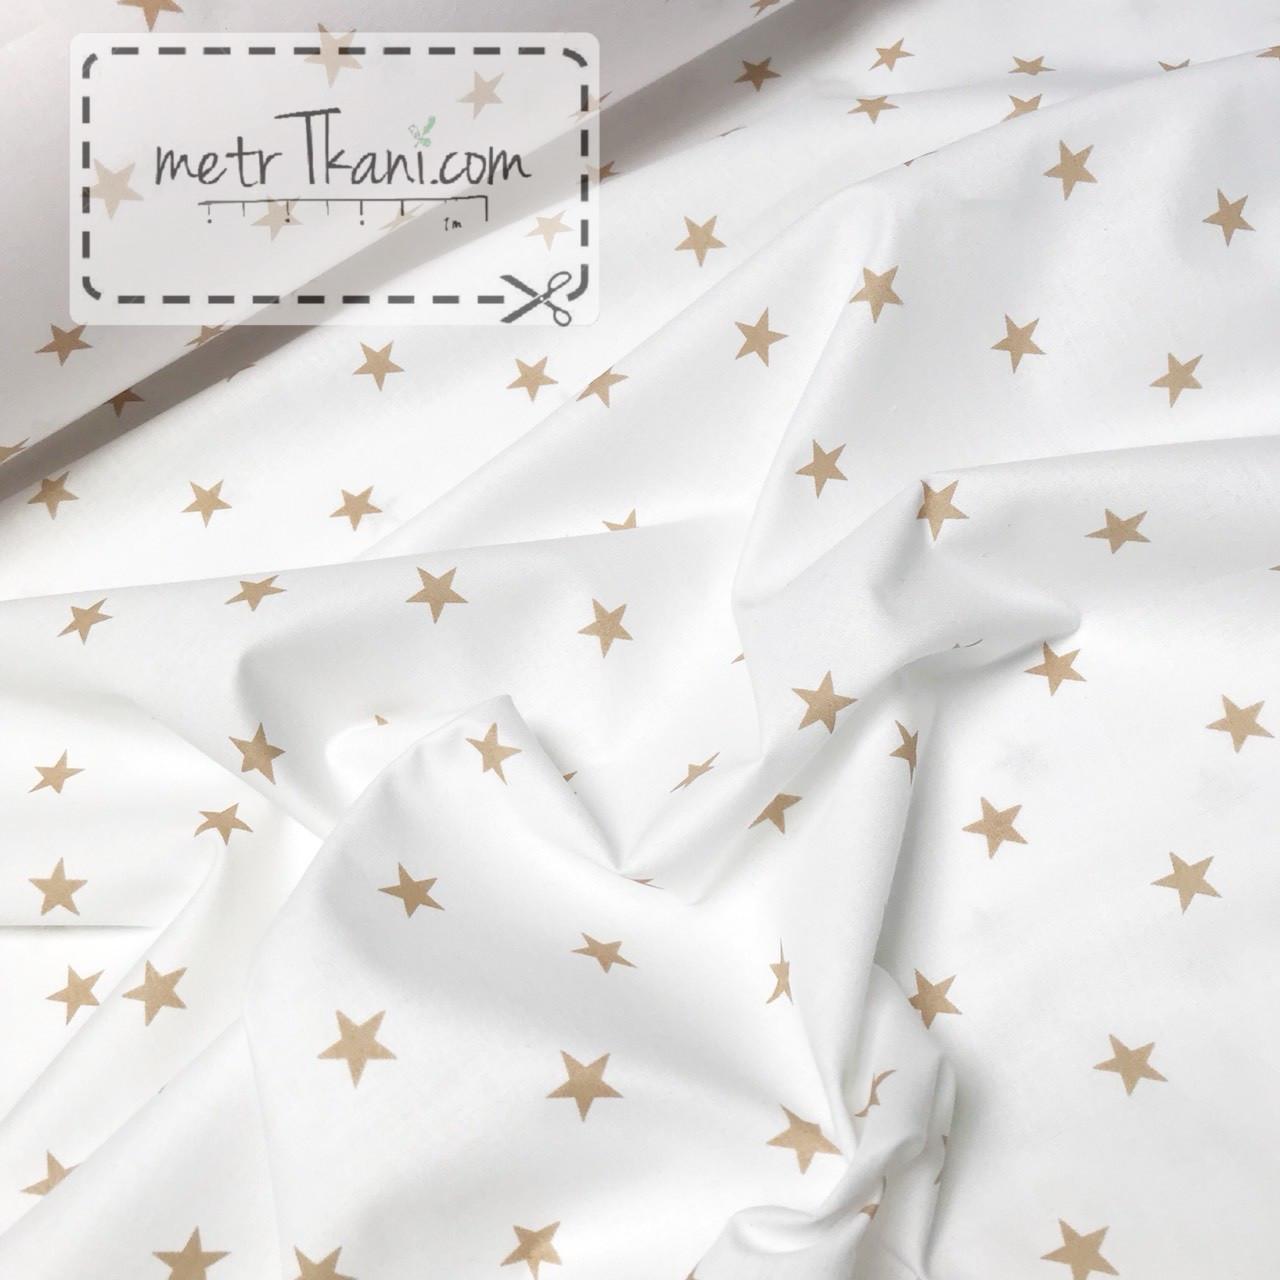 Ткань хлопковая с бежевыми звездами 15 мм на белом№1020